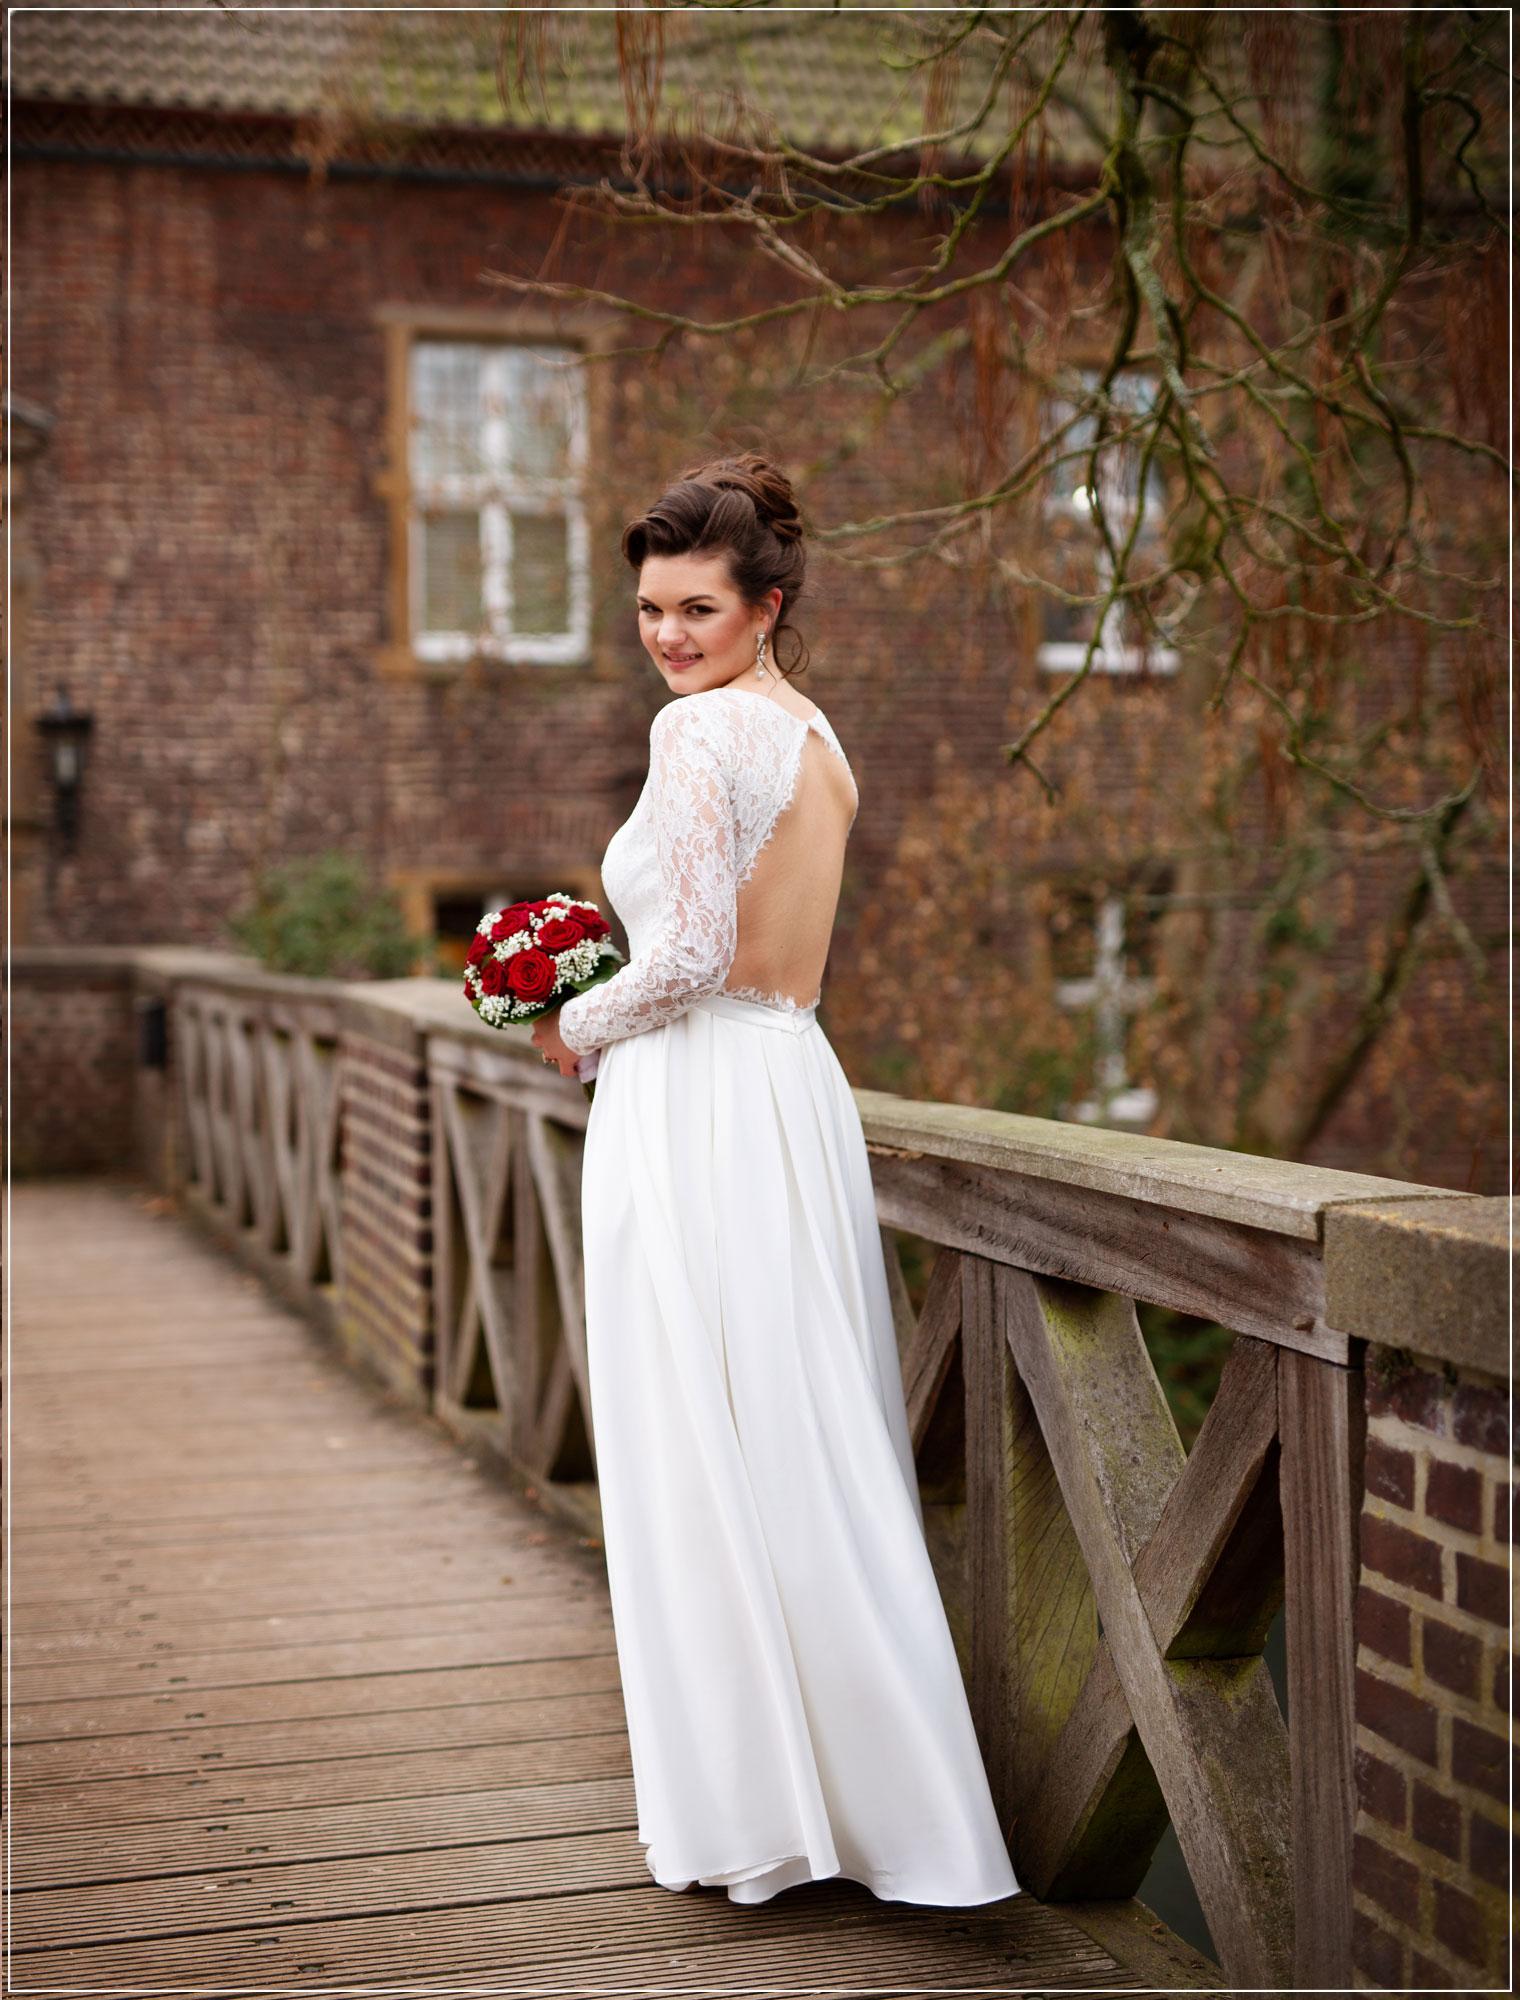 Hochzeit, Hochzeit im Ruhrgebiet, unsere Hochzeit, Wedding, Hochzeitsdiary, Hochzeitsbericht, Bloggerhochzeit, Blogger, Ruhrgebiet, Fashionbloggerin, (c) Julia Neubauer